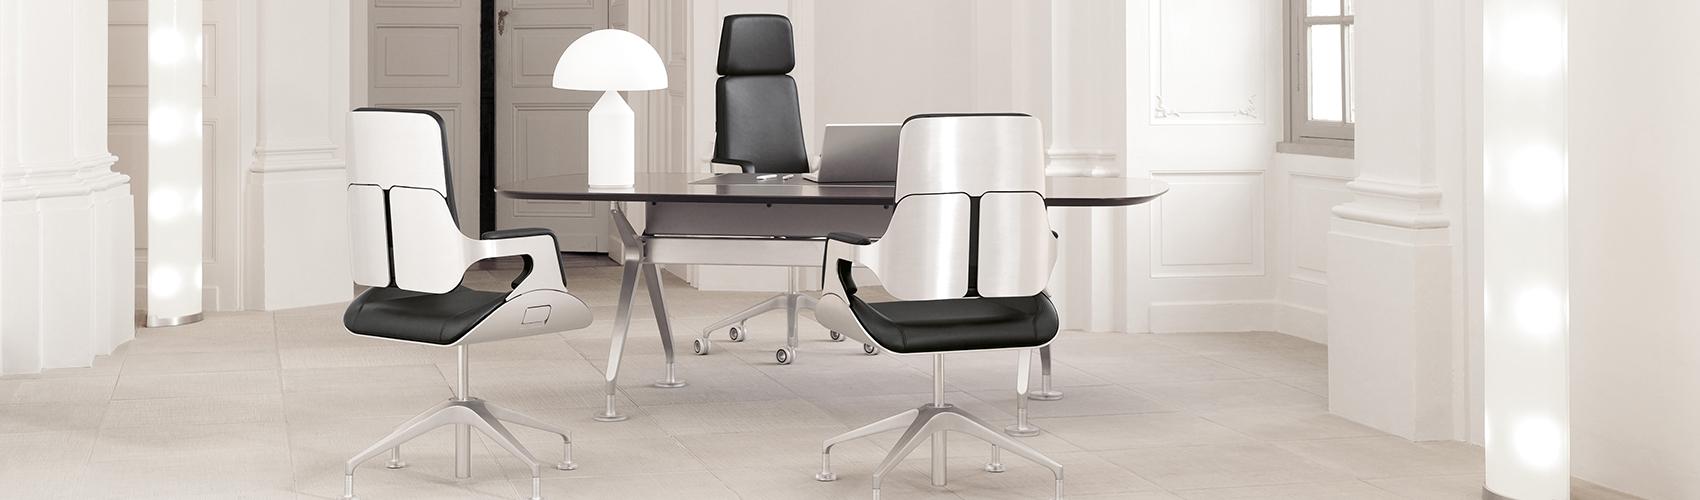 כיסאות למשרד, כיסא מנהלים מעוצב ויוקרתי, כיסאות משרדיים אגרונומים איכותיים, מותגים מובילים באירופה - אינובייט